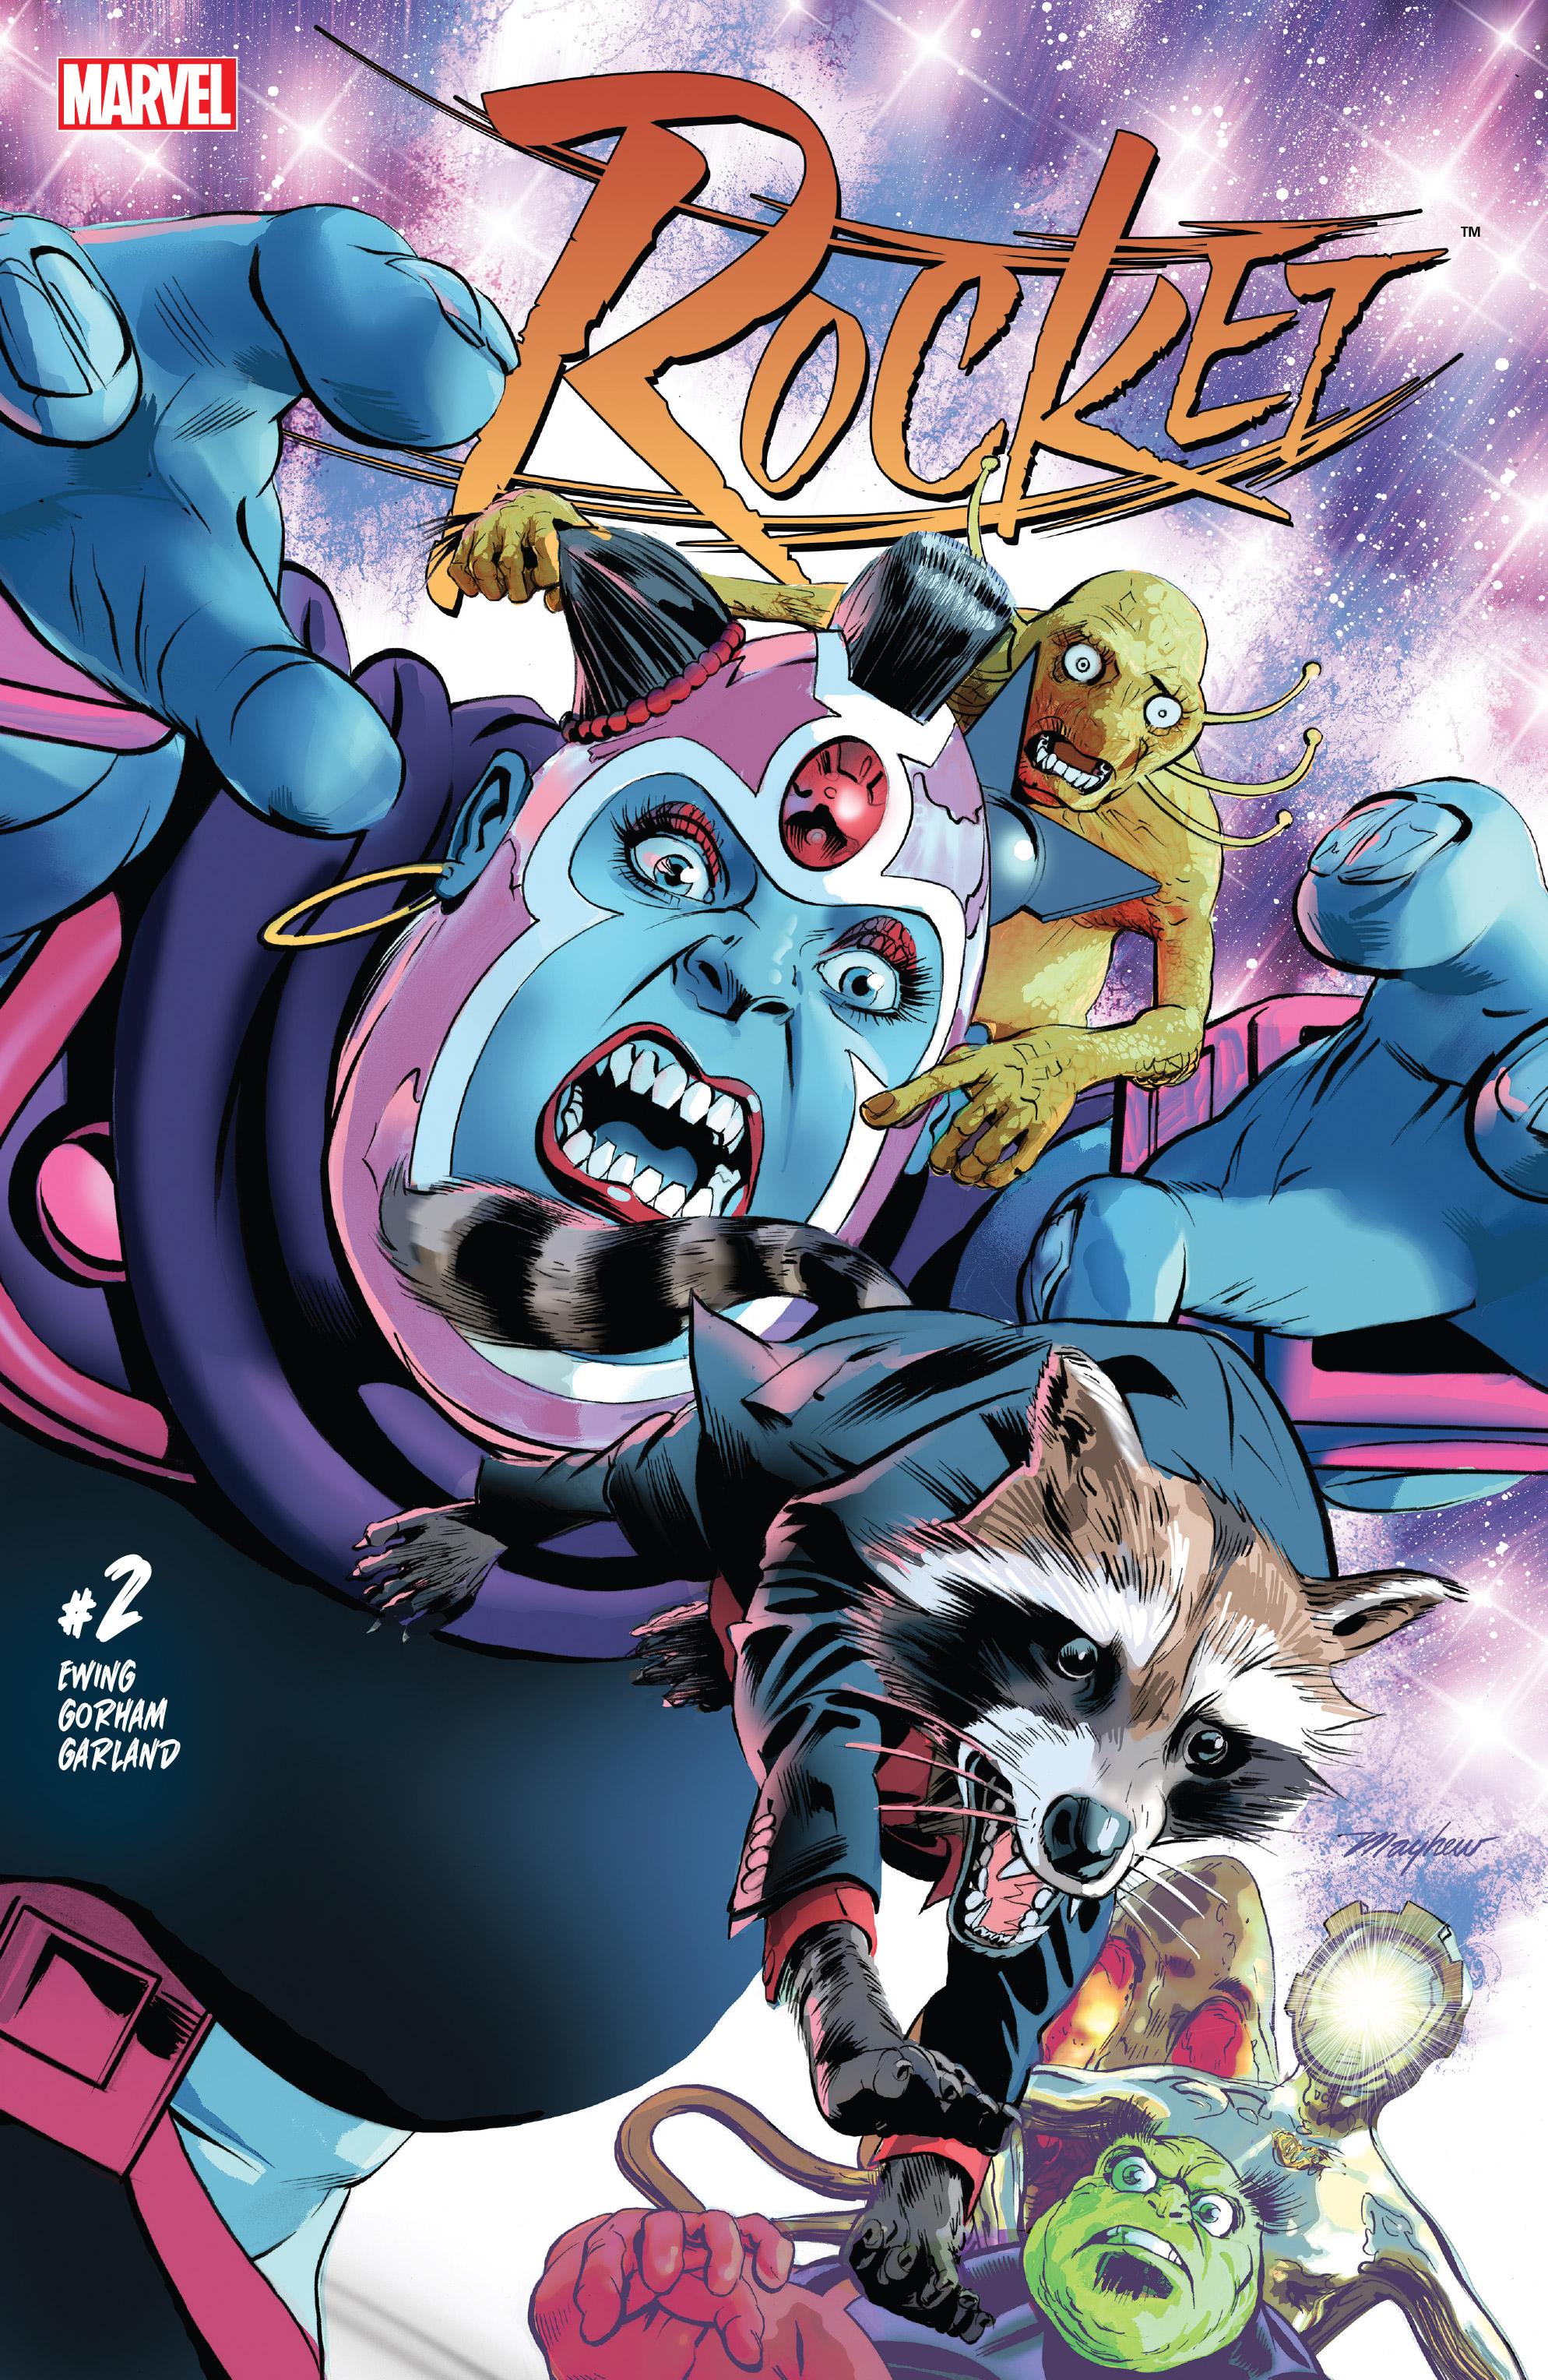 Read online Rocket comic -  Issue #2 - 1